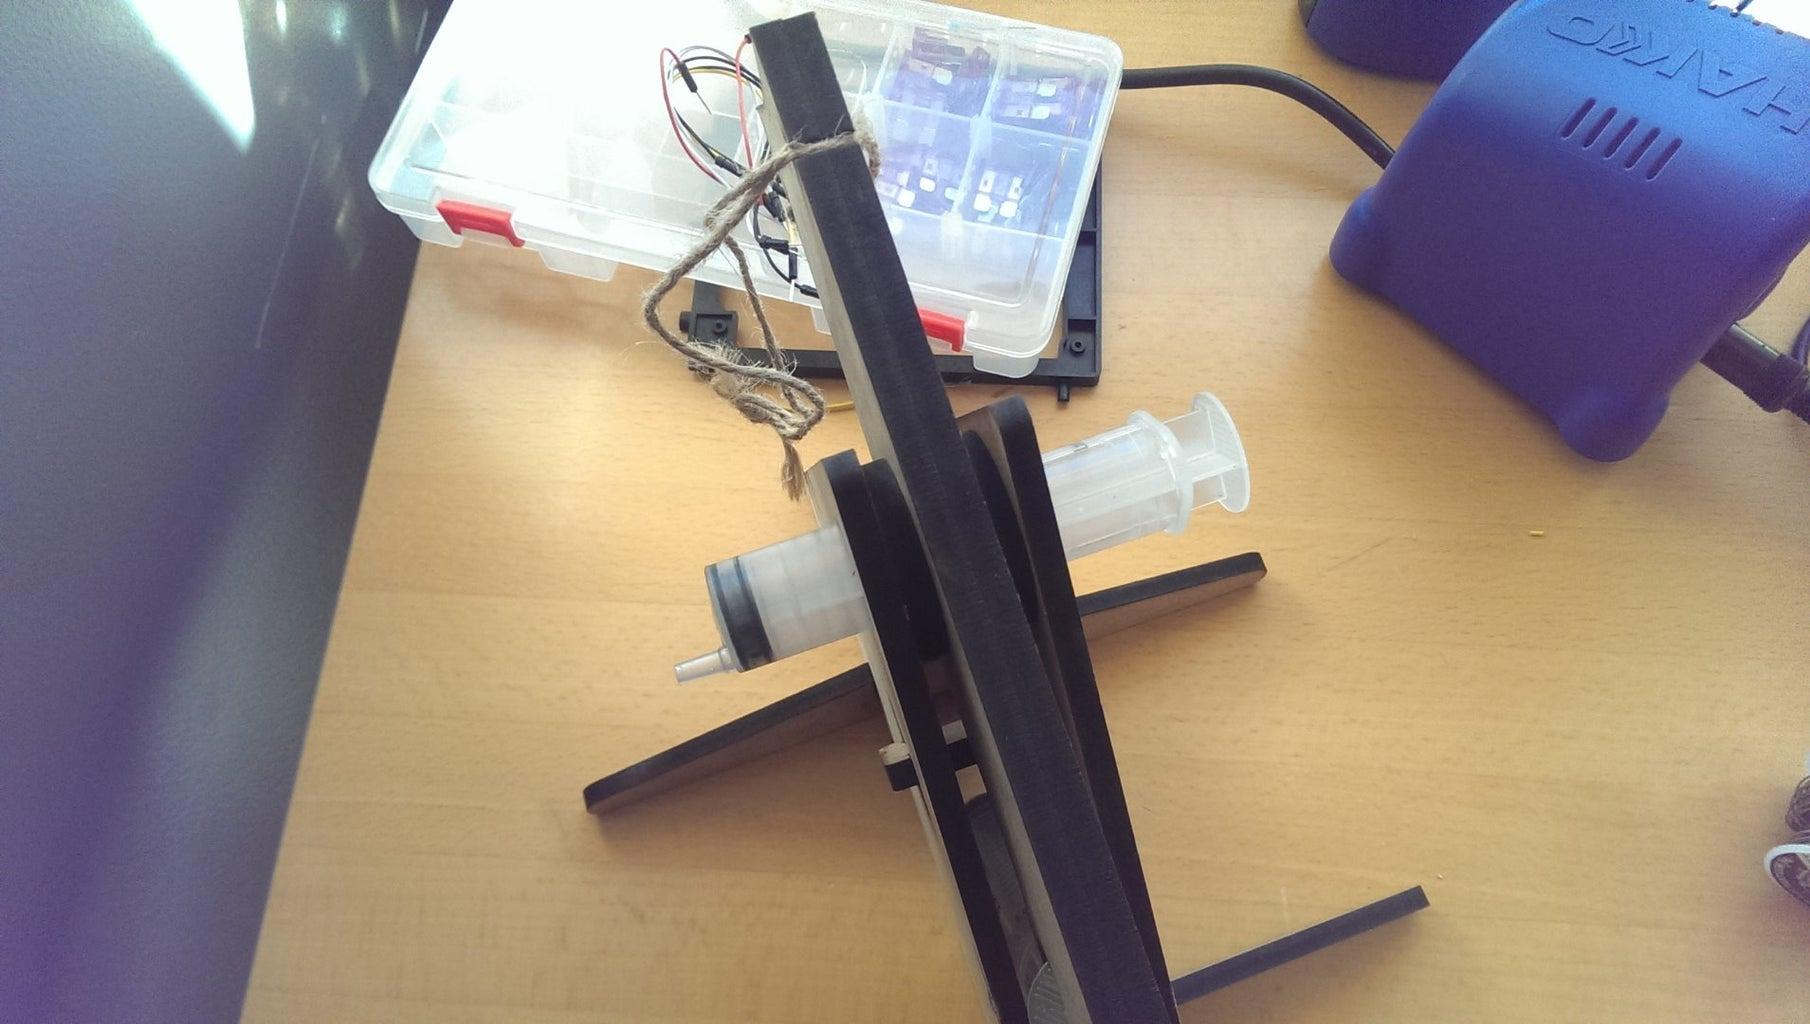 Preparing the Hydraulic System